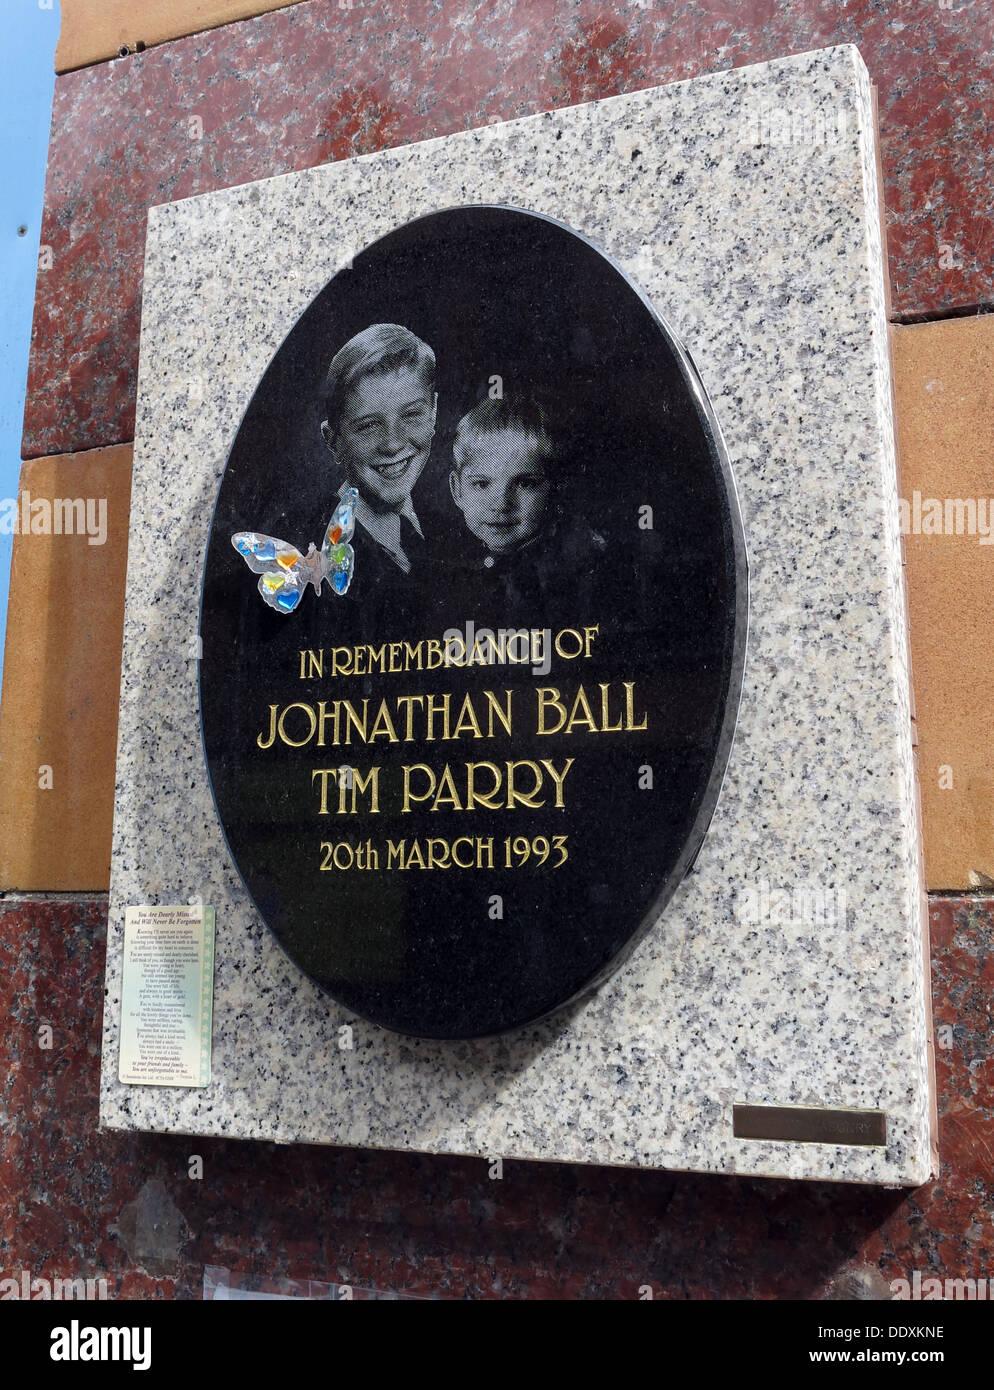 Laden Sie dieses Alamy Stockfoto Denkmal für Jonathon Ball und Tim Parry, Bombe Opfer der IRA in Warrington 20.03.1993, Cheshire, UK (Ersatz Memorial) - DDXKNE